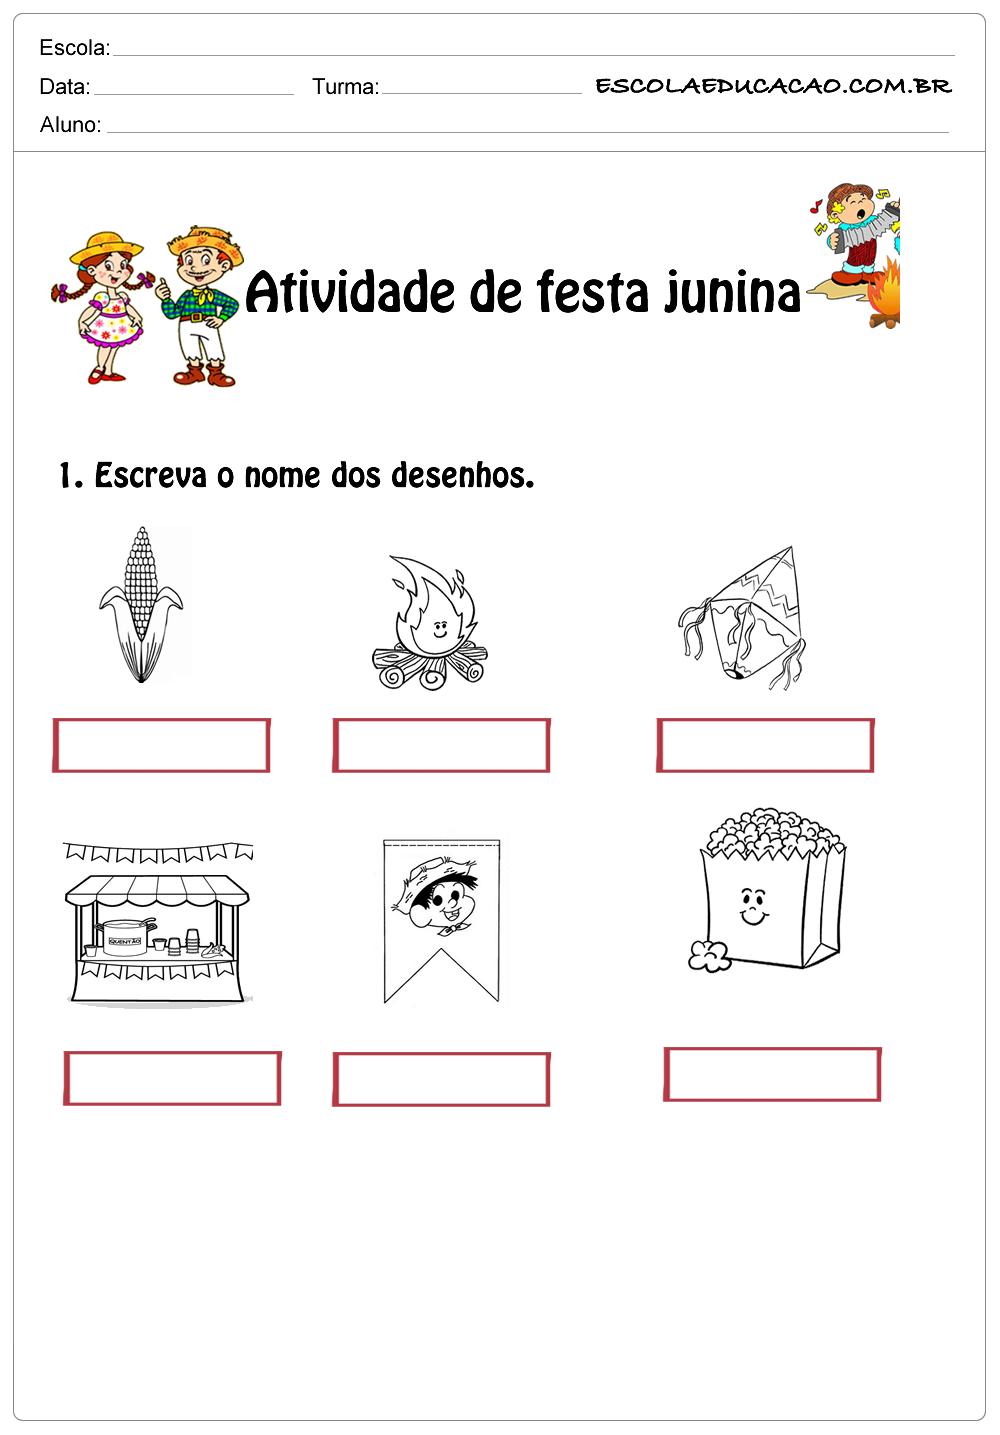 Atividade de festa junina 1°ano-escreva o nome dos desenhos